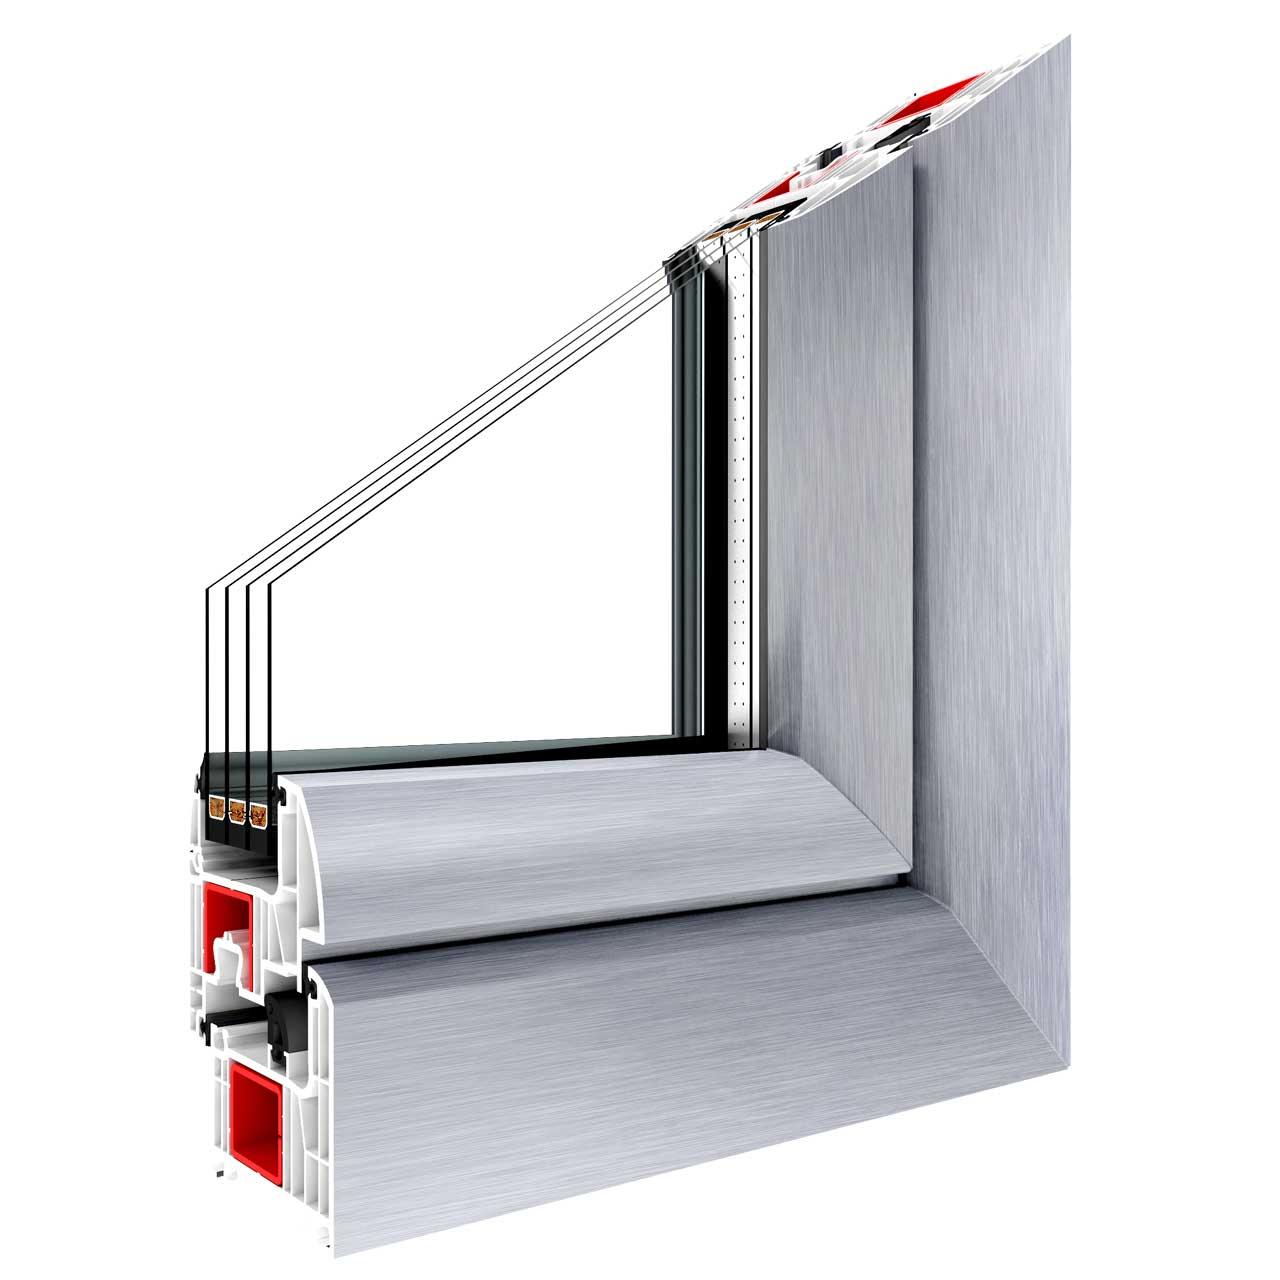 Full Size of Drutefenster Polen Erfahrungen Polnische Iglo 5 Erfahrung Drutex Fenster Test Wohnzimmer Drutex Erfahrungen Forum